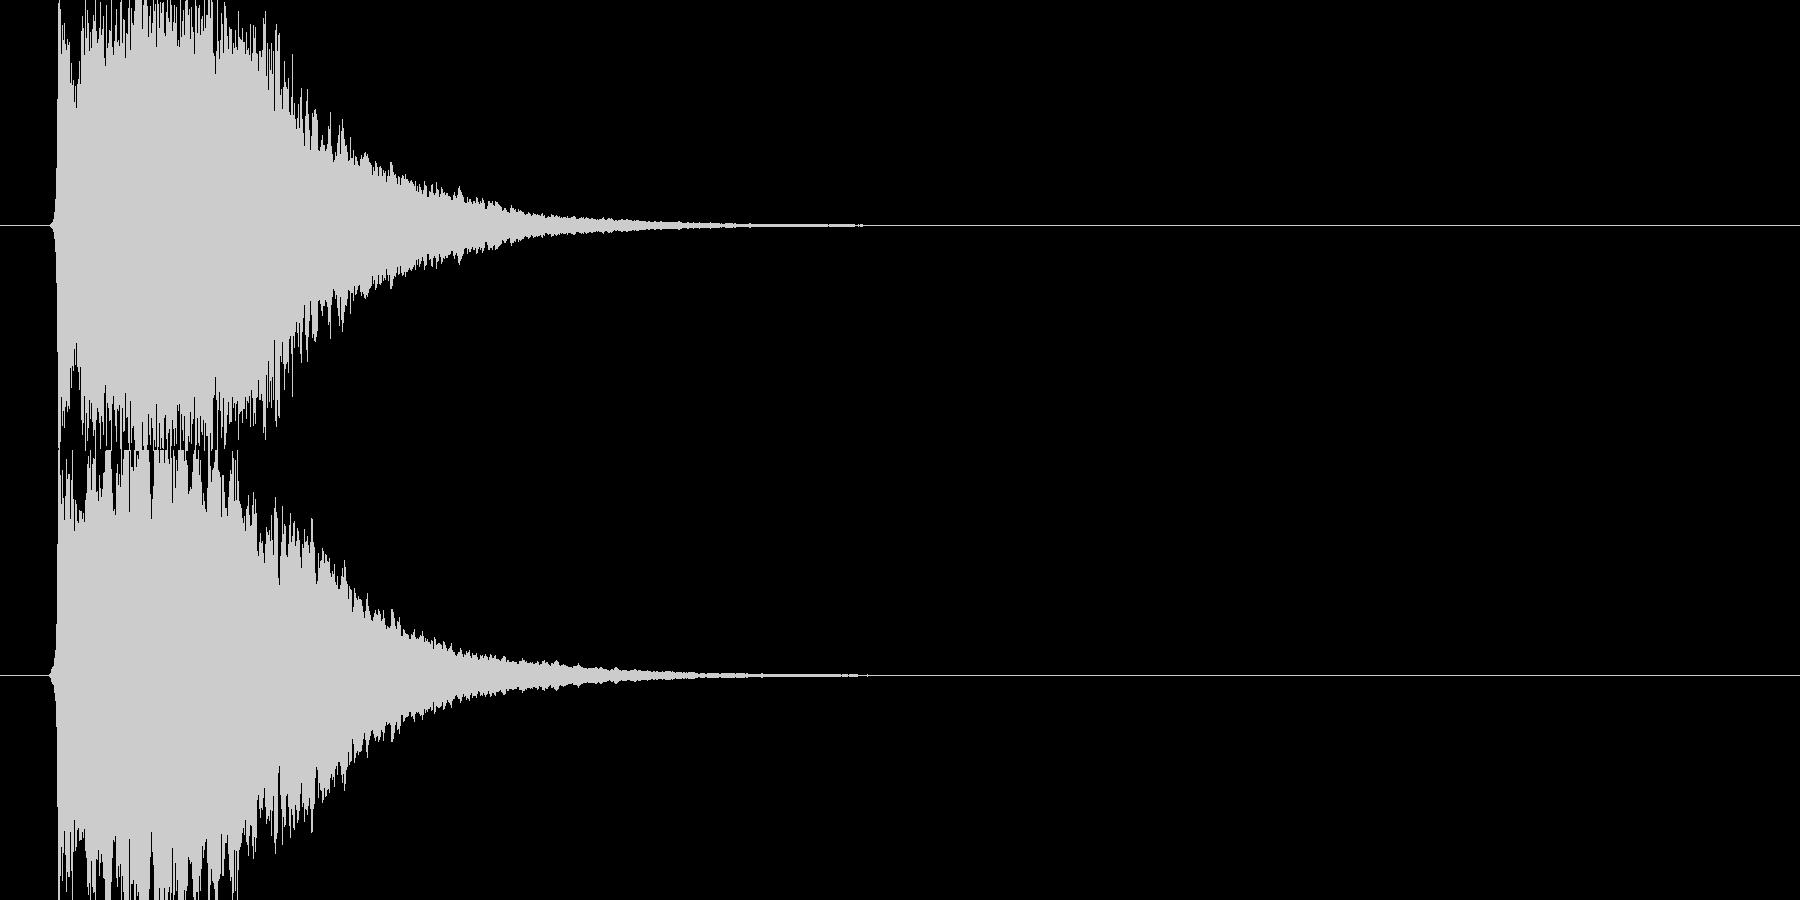 近未来SFボタン音ビープ音クリック音30の未再生の波形